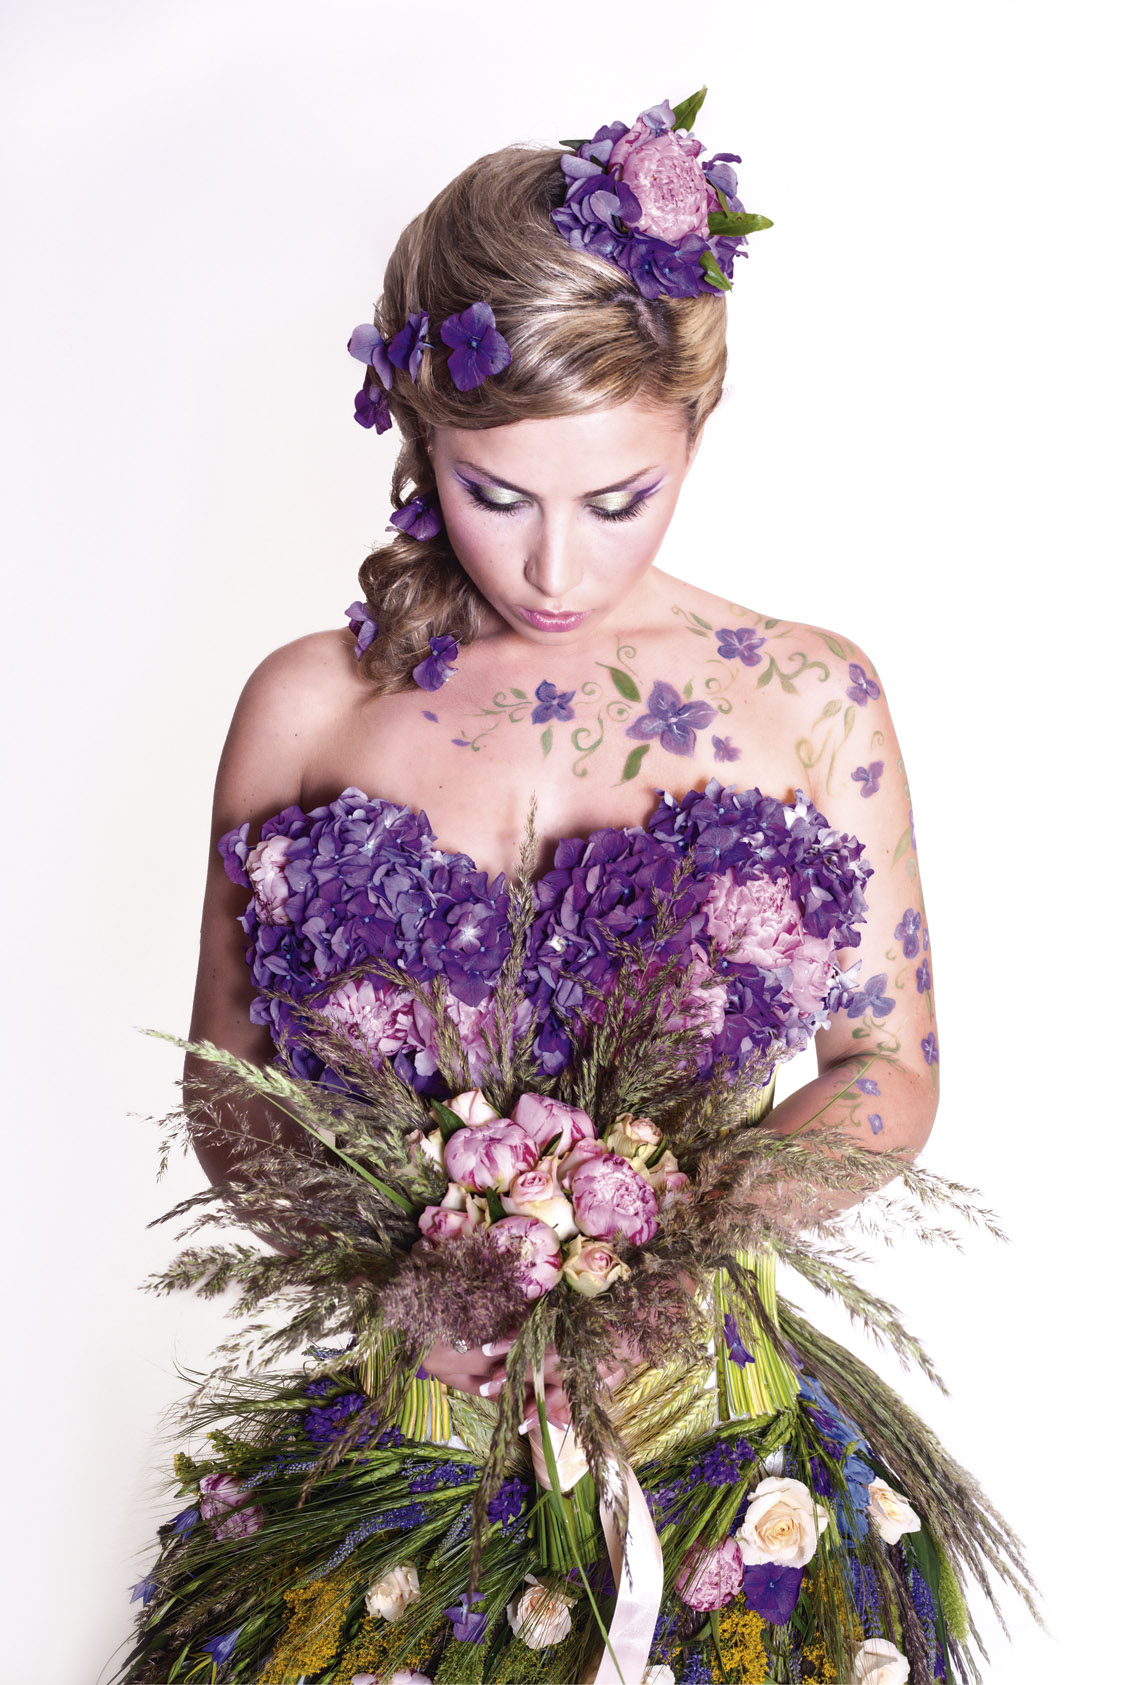 Фото девушки в платье из цветов